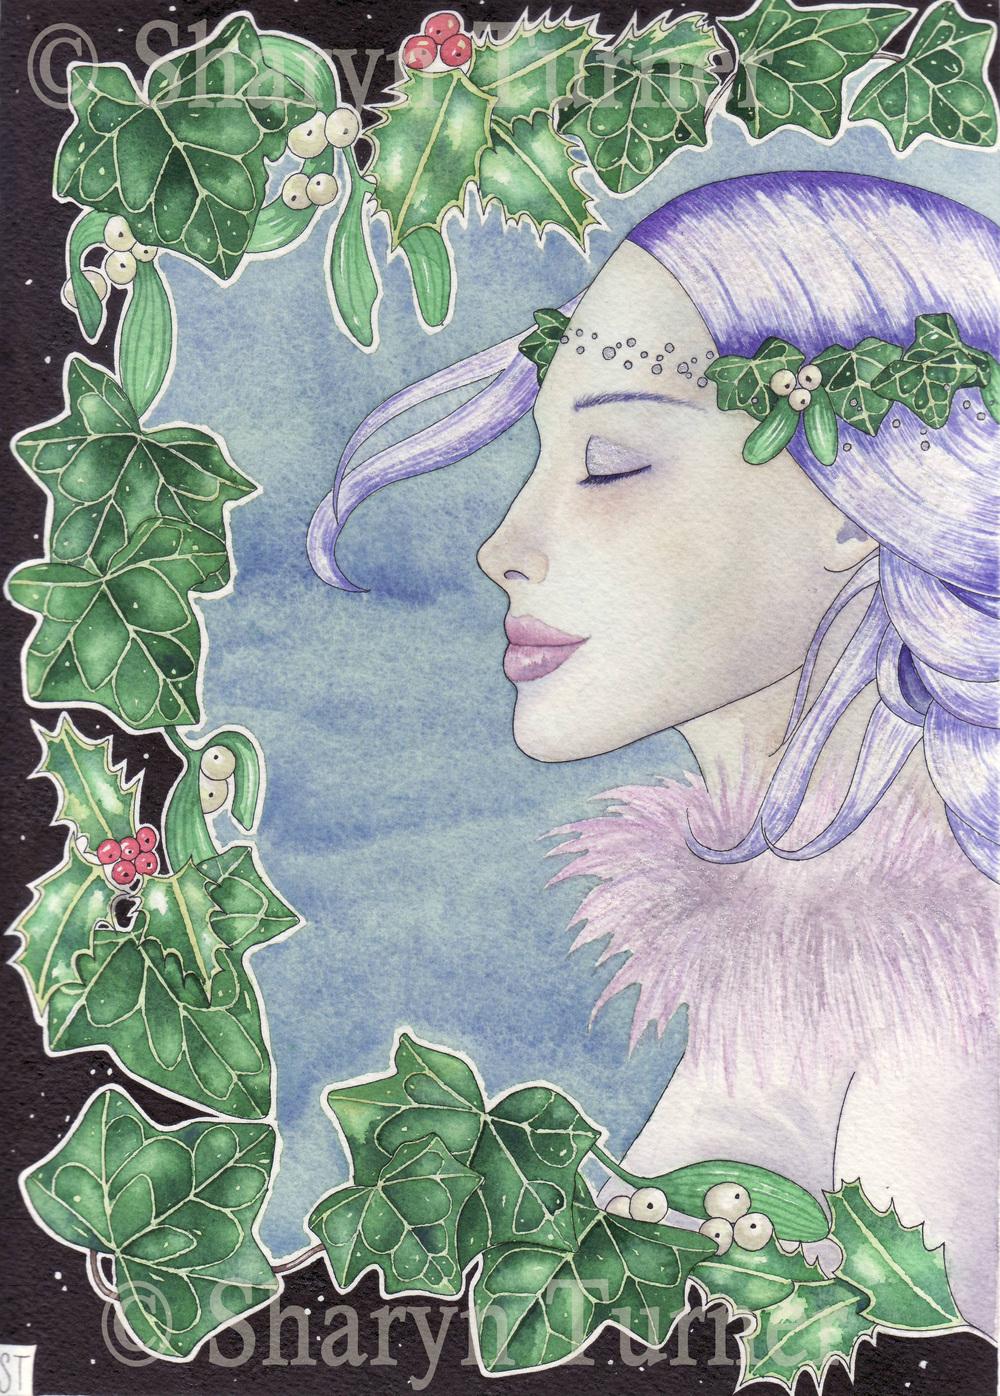 The Ice Princess - 2005